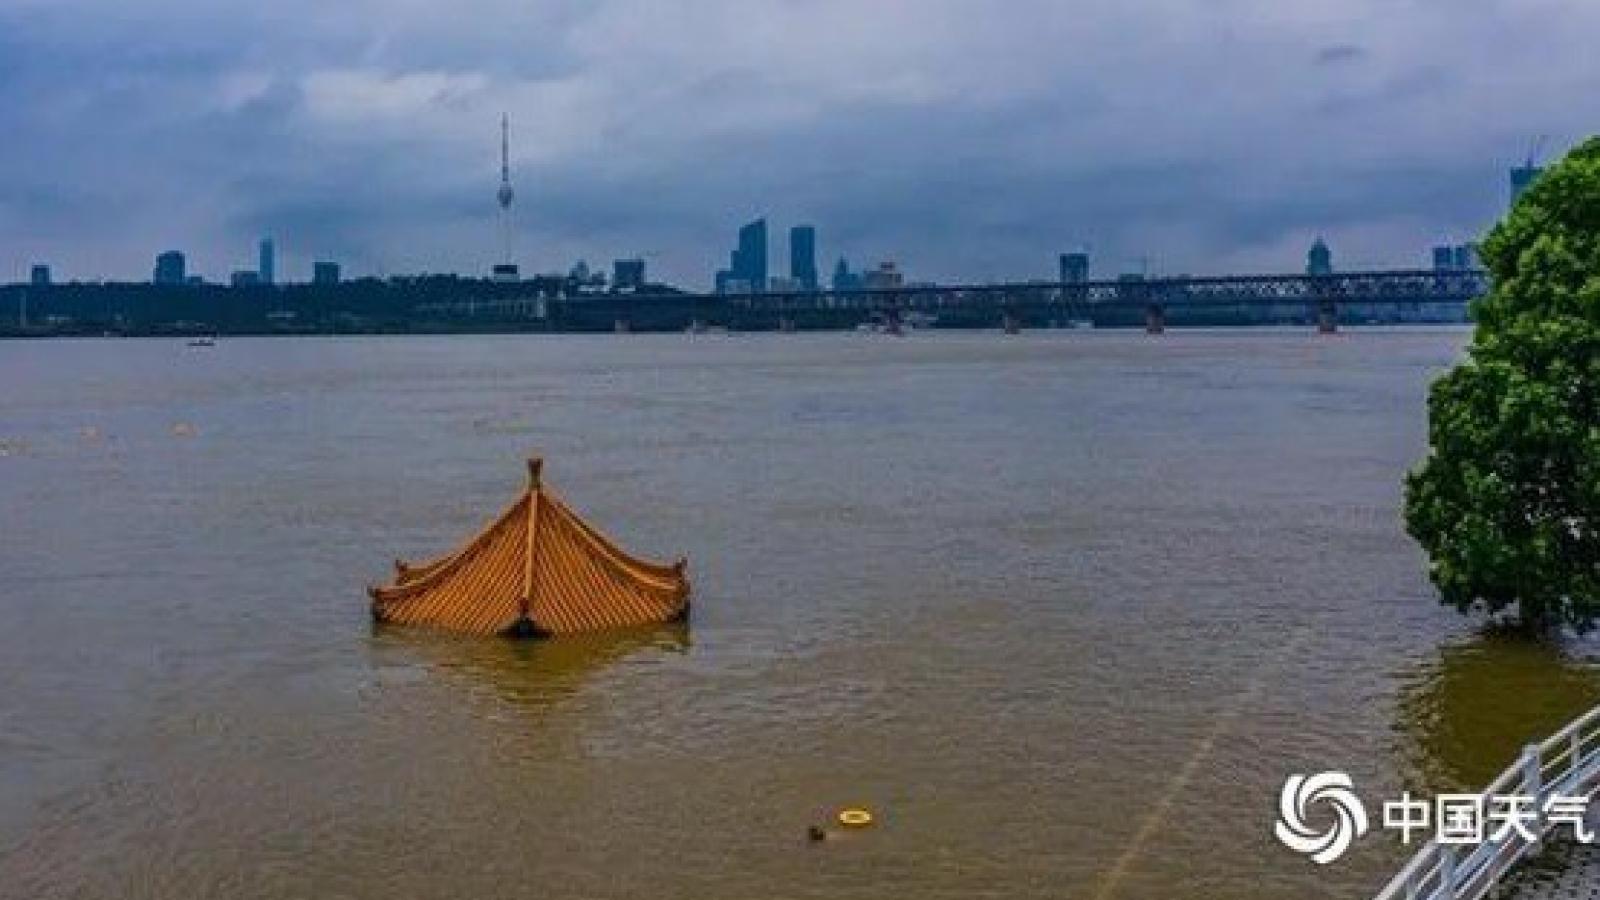 Lưu vực sông Trường Giang (Trung Quốc) tiếp tục mưa lớn đến 19/7